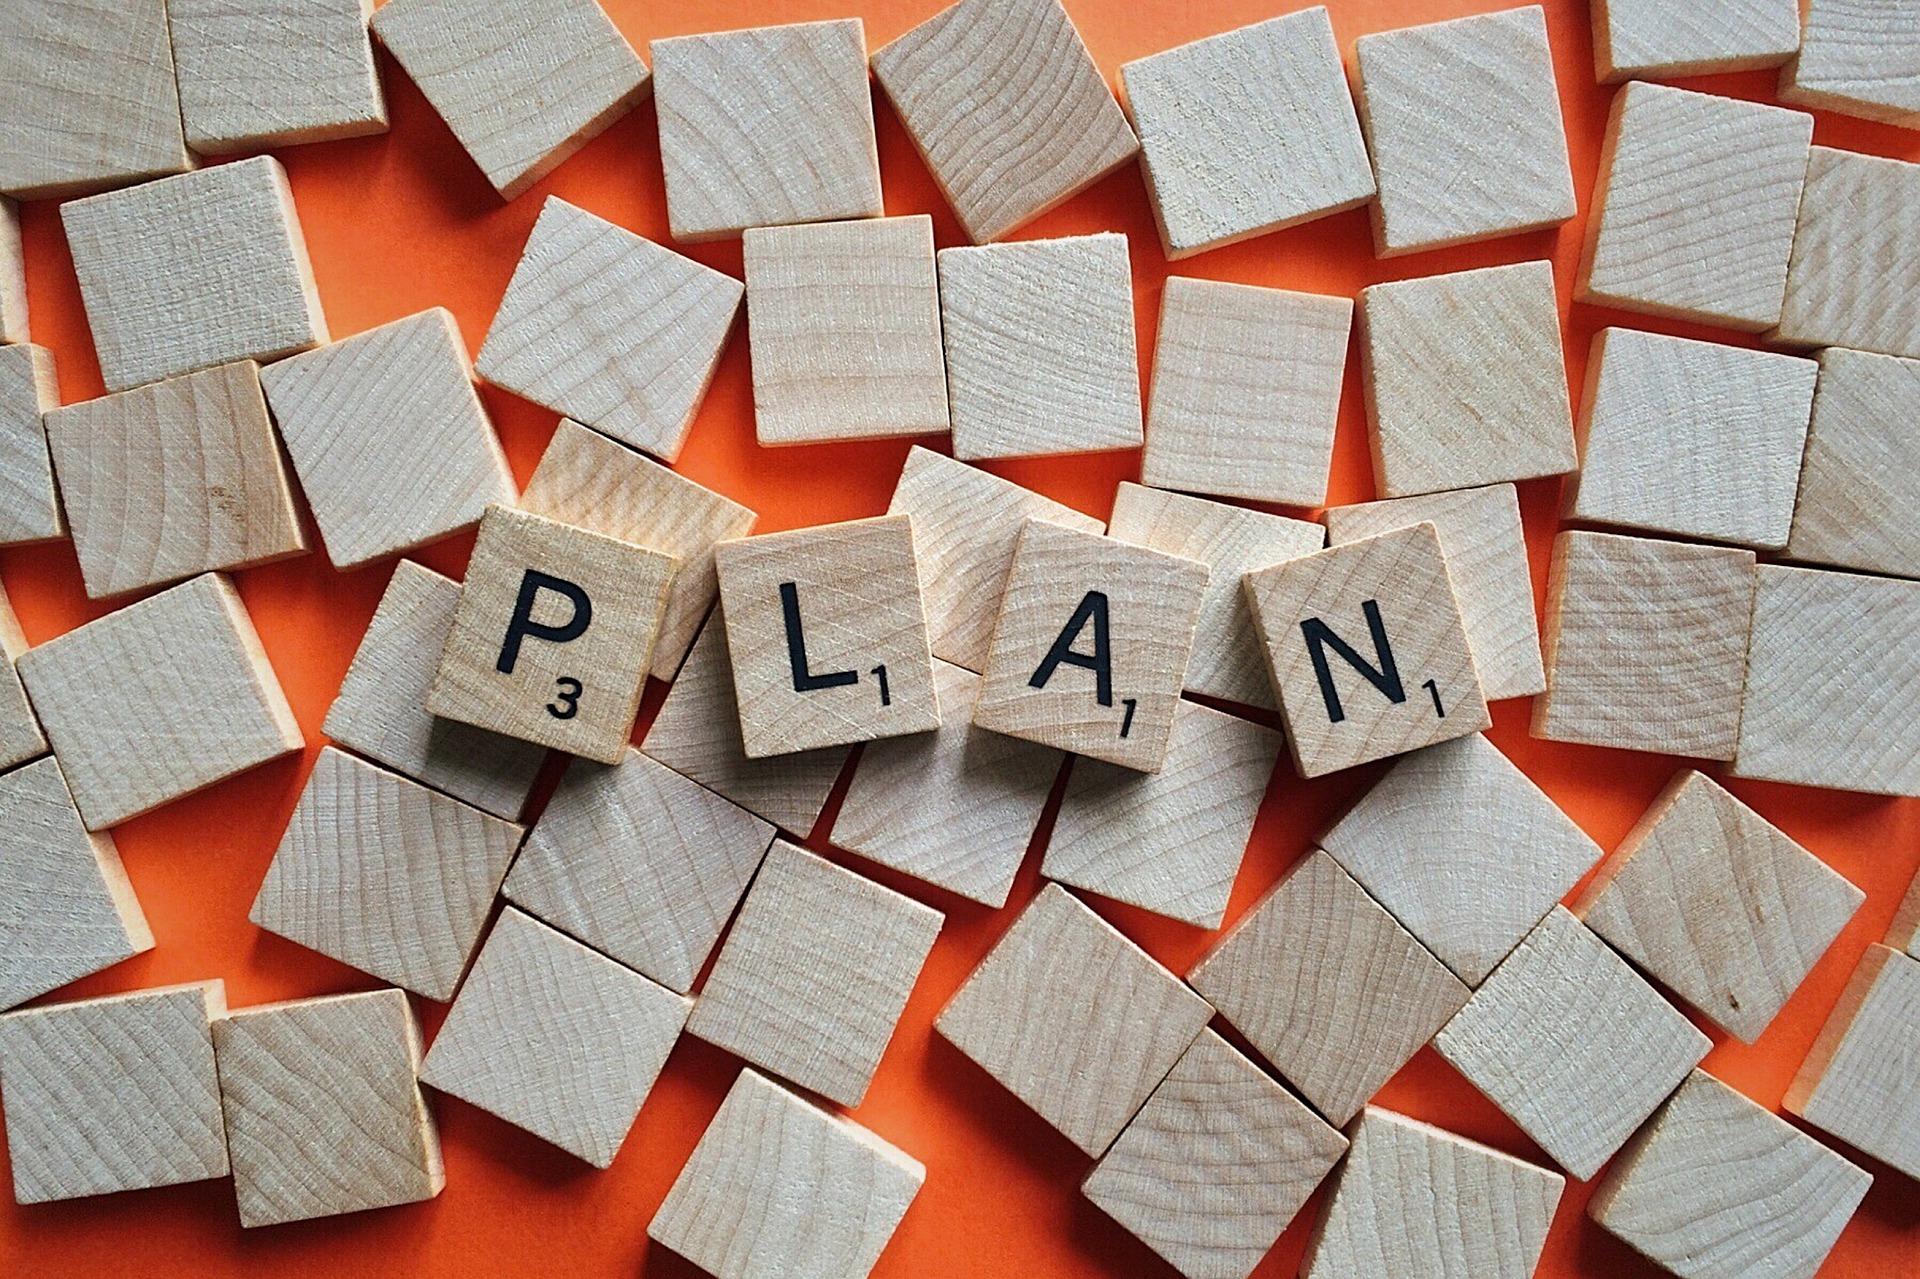 plan_image.jpg